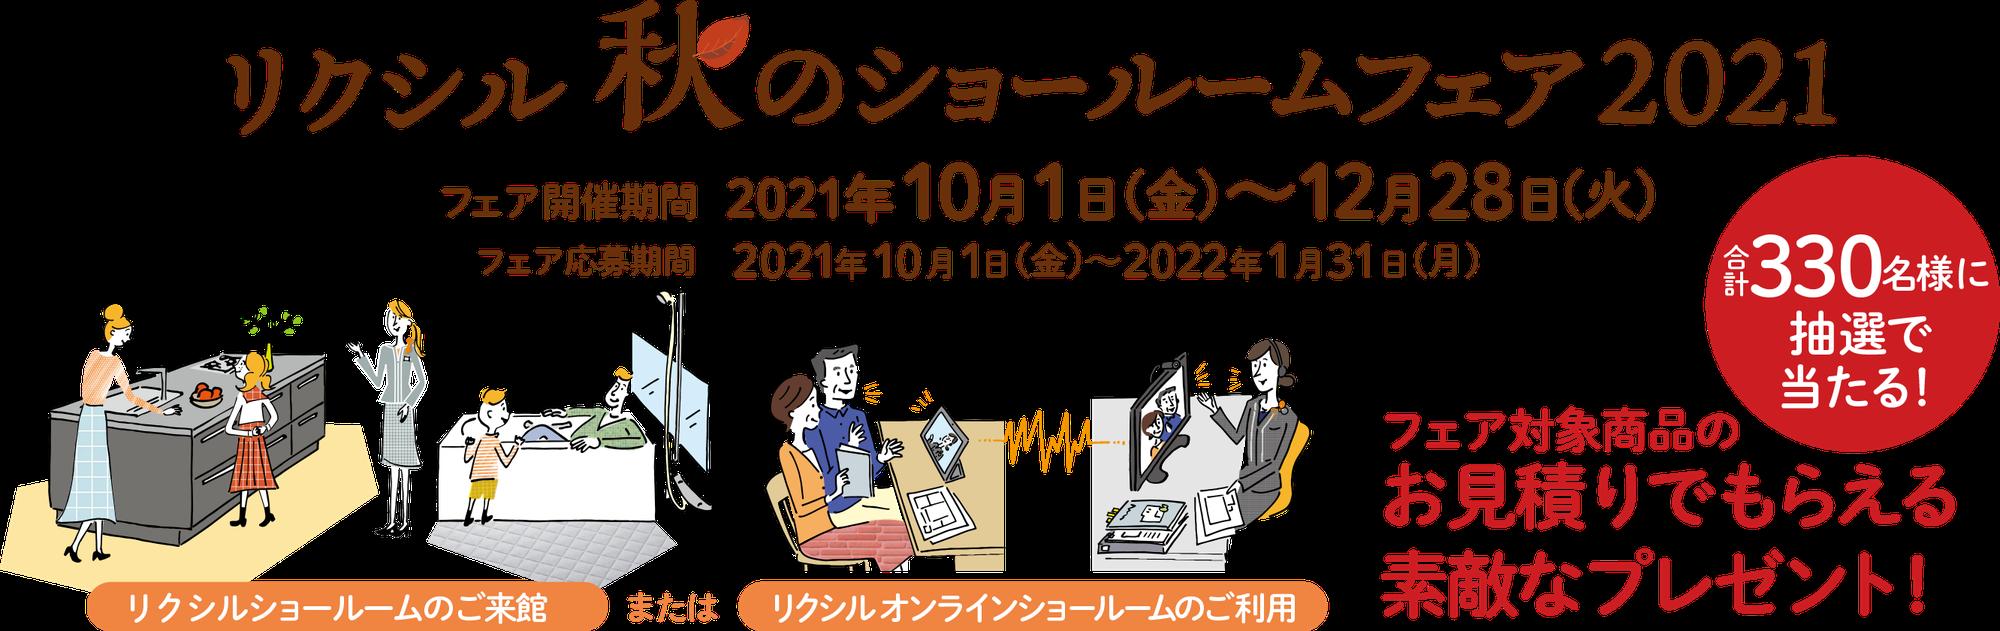 【キャンペーン】LIXIL秋のショールームフェア2021